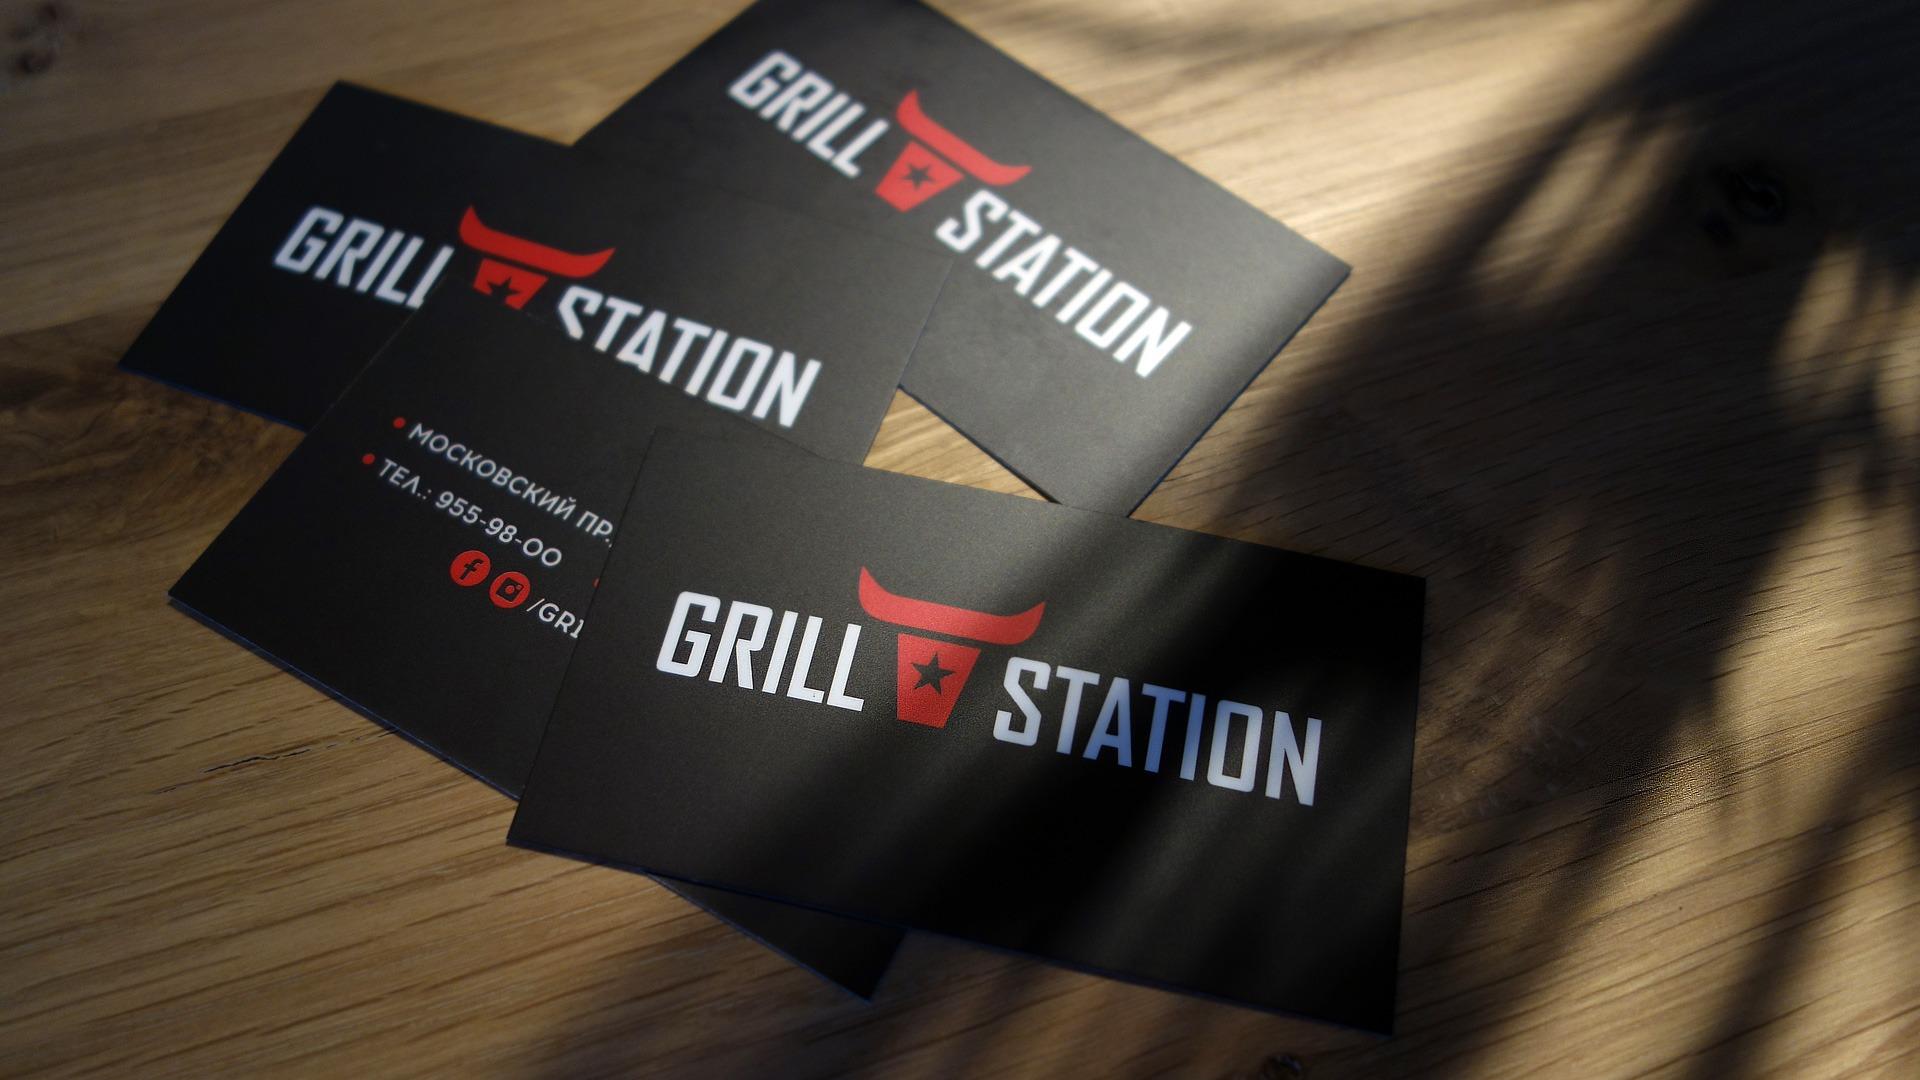 Дизайн визитных карточек, Асгард брендинг, фирменный стиль ресторана, разработка логотипа, Asgard design